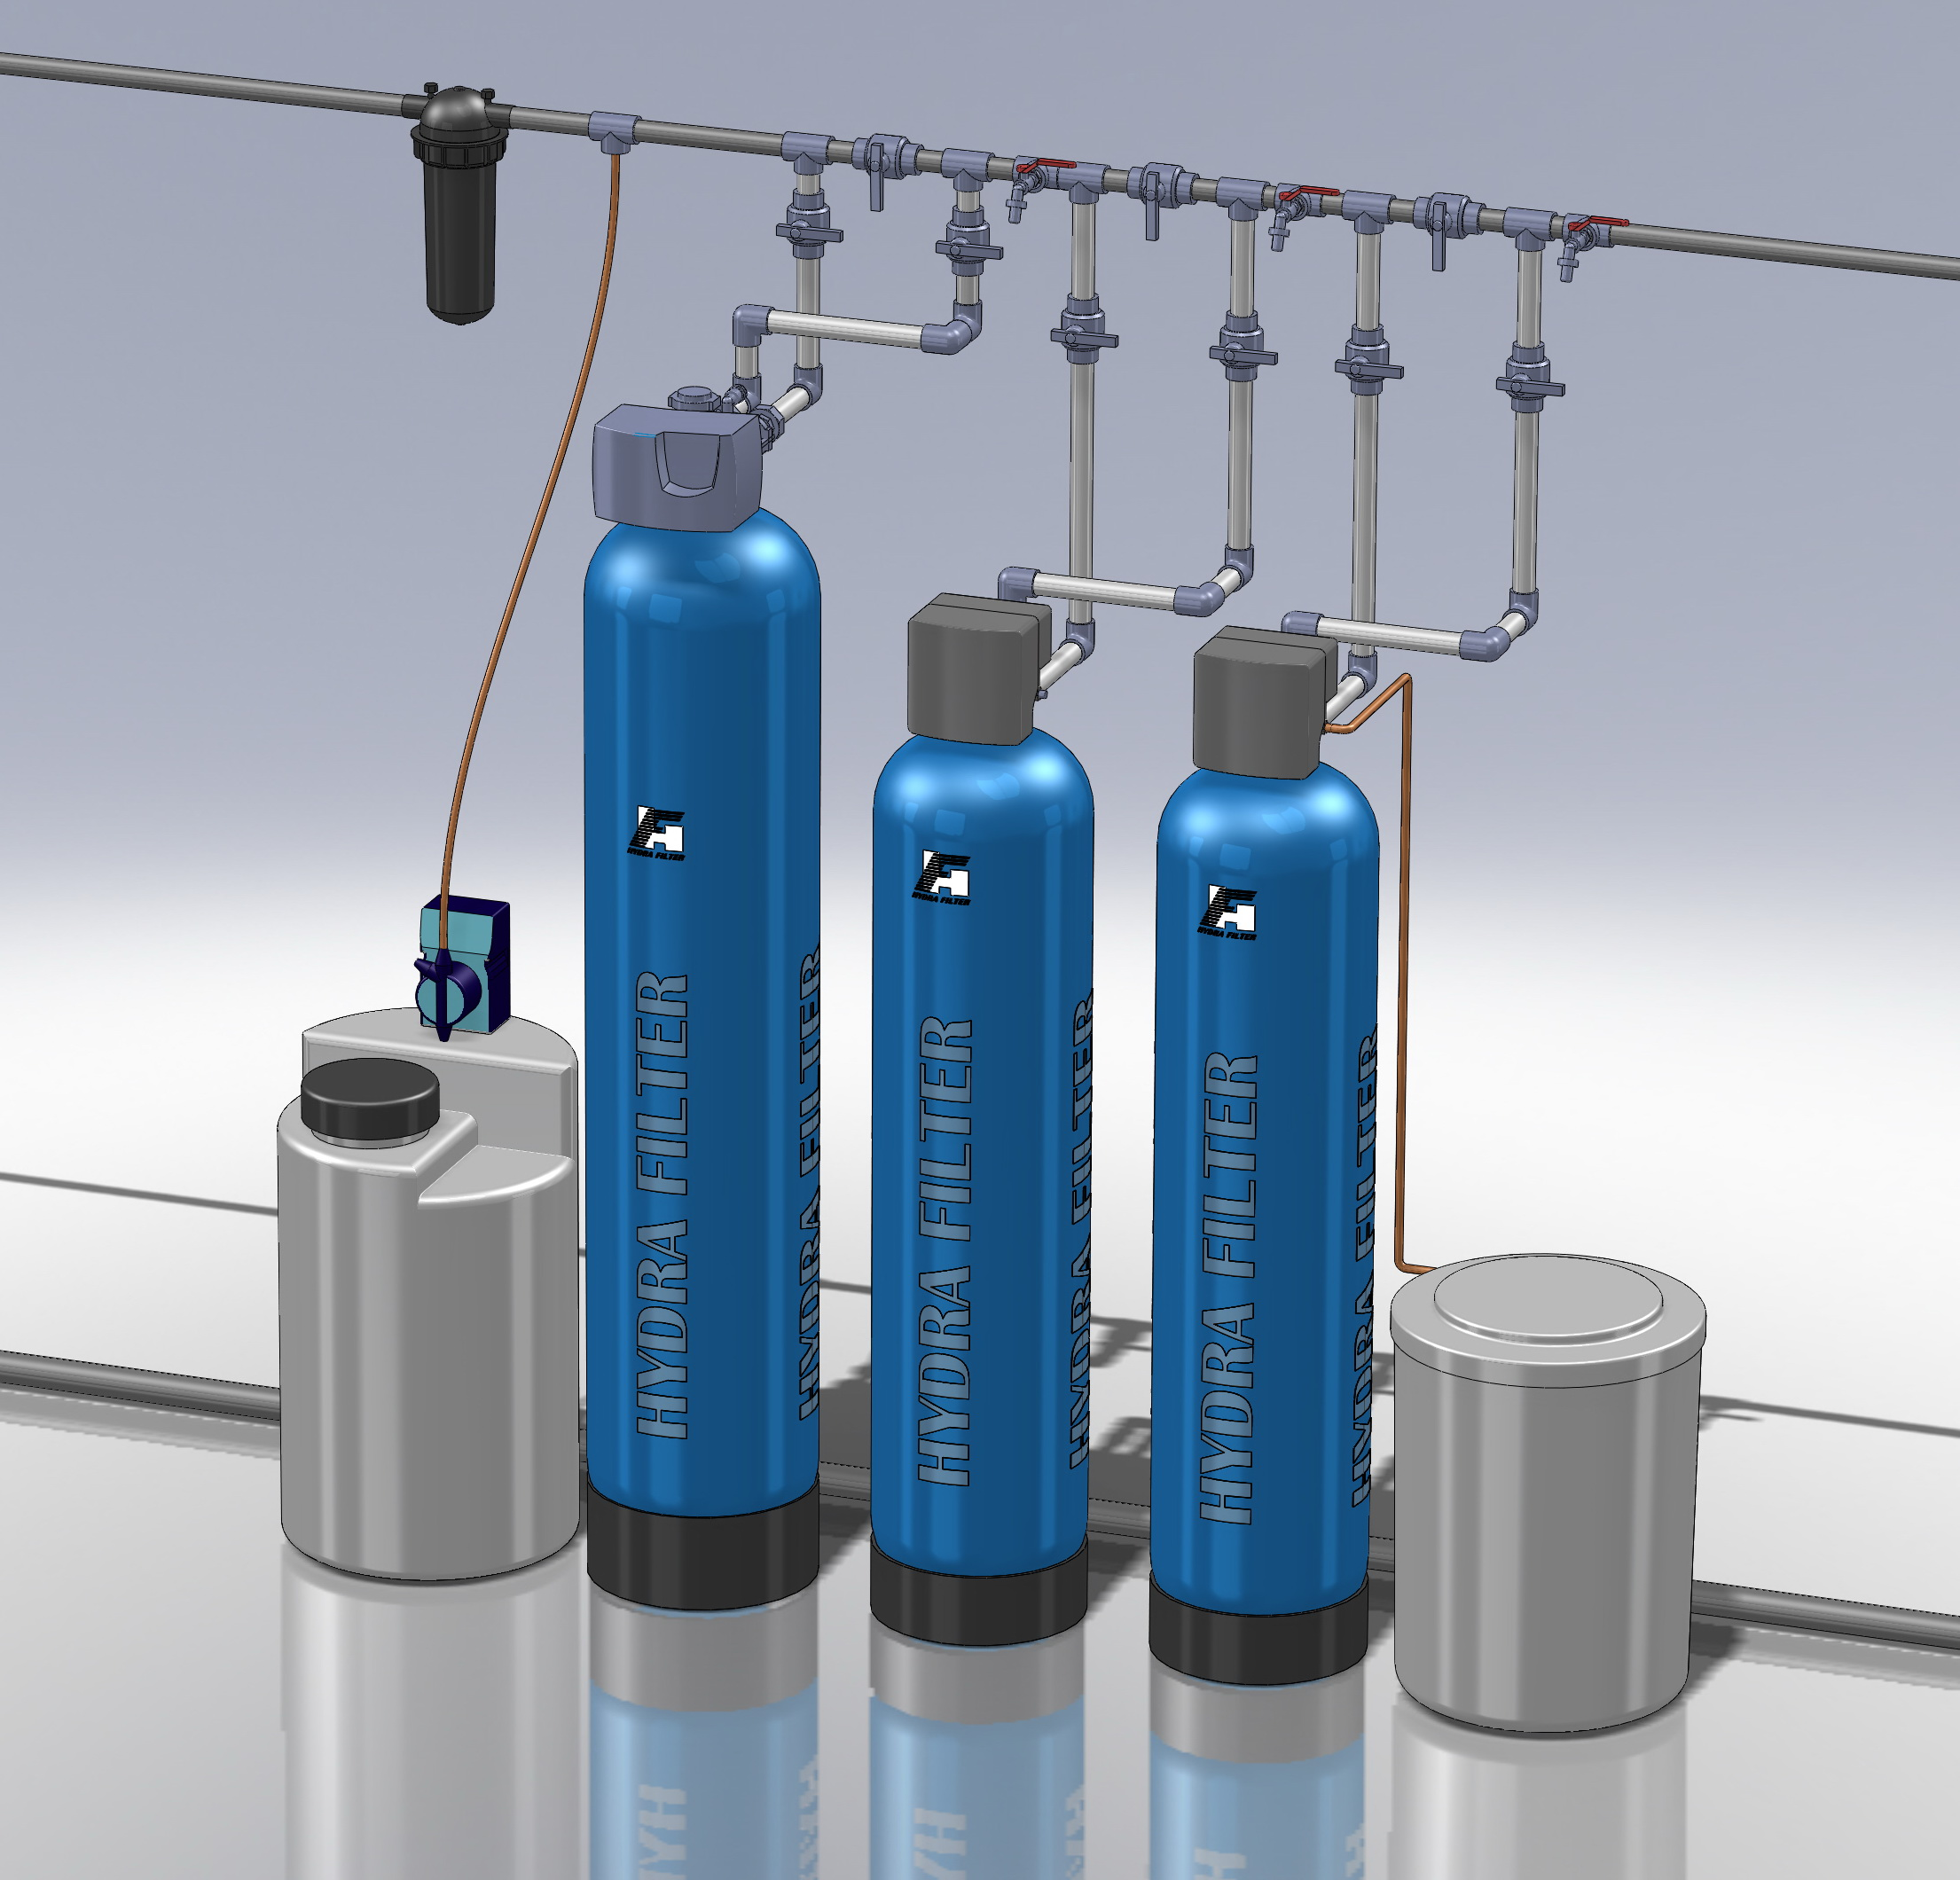 Водоподготовка для коттеджа #4. 2000 л/час (4-5 одновременно открытых крана) Растворенное железо до 5-6 мг/л, жесткость до 10